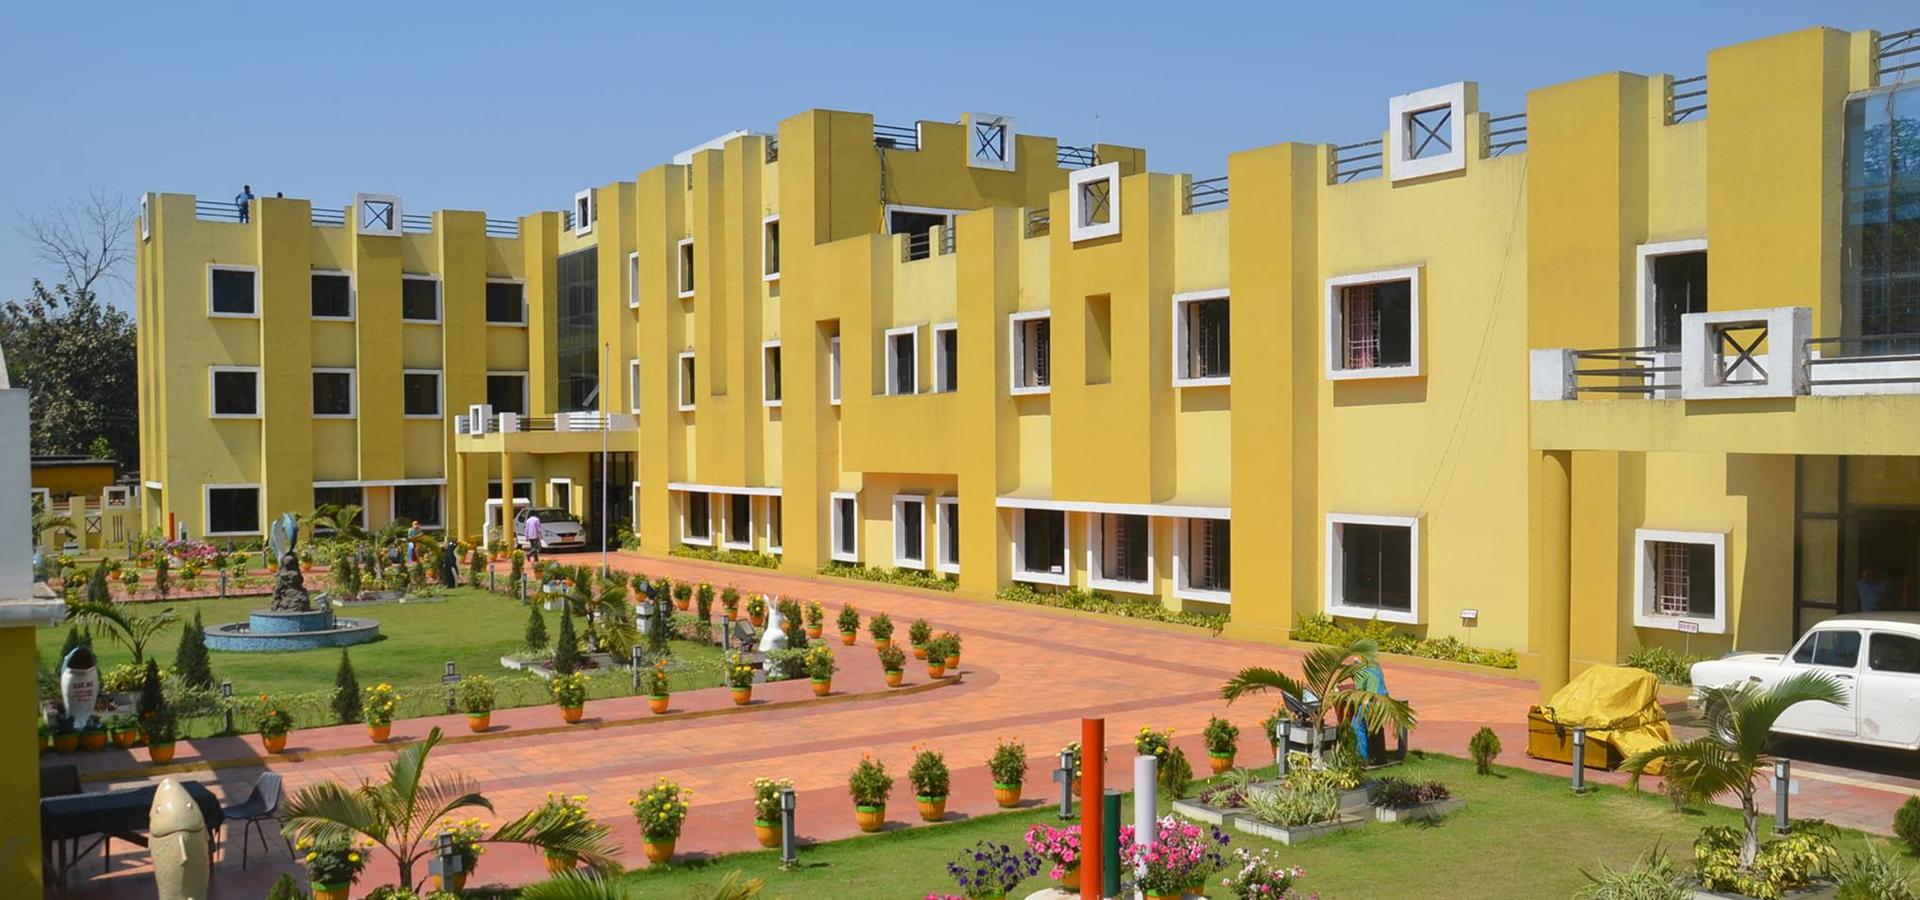 Peer-to-peer advisory in Raurkela, Odisha, India